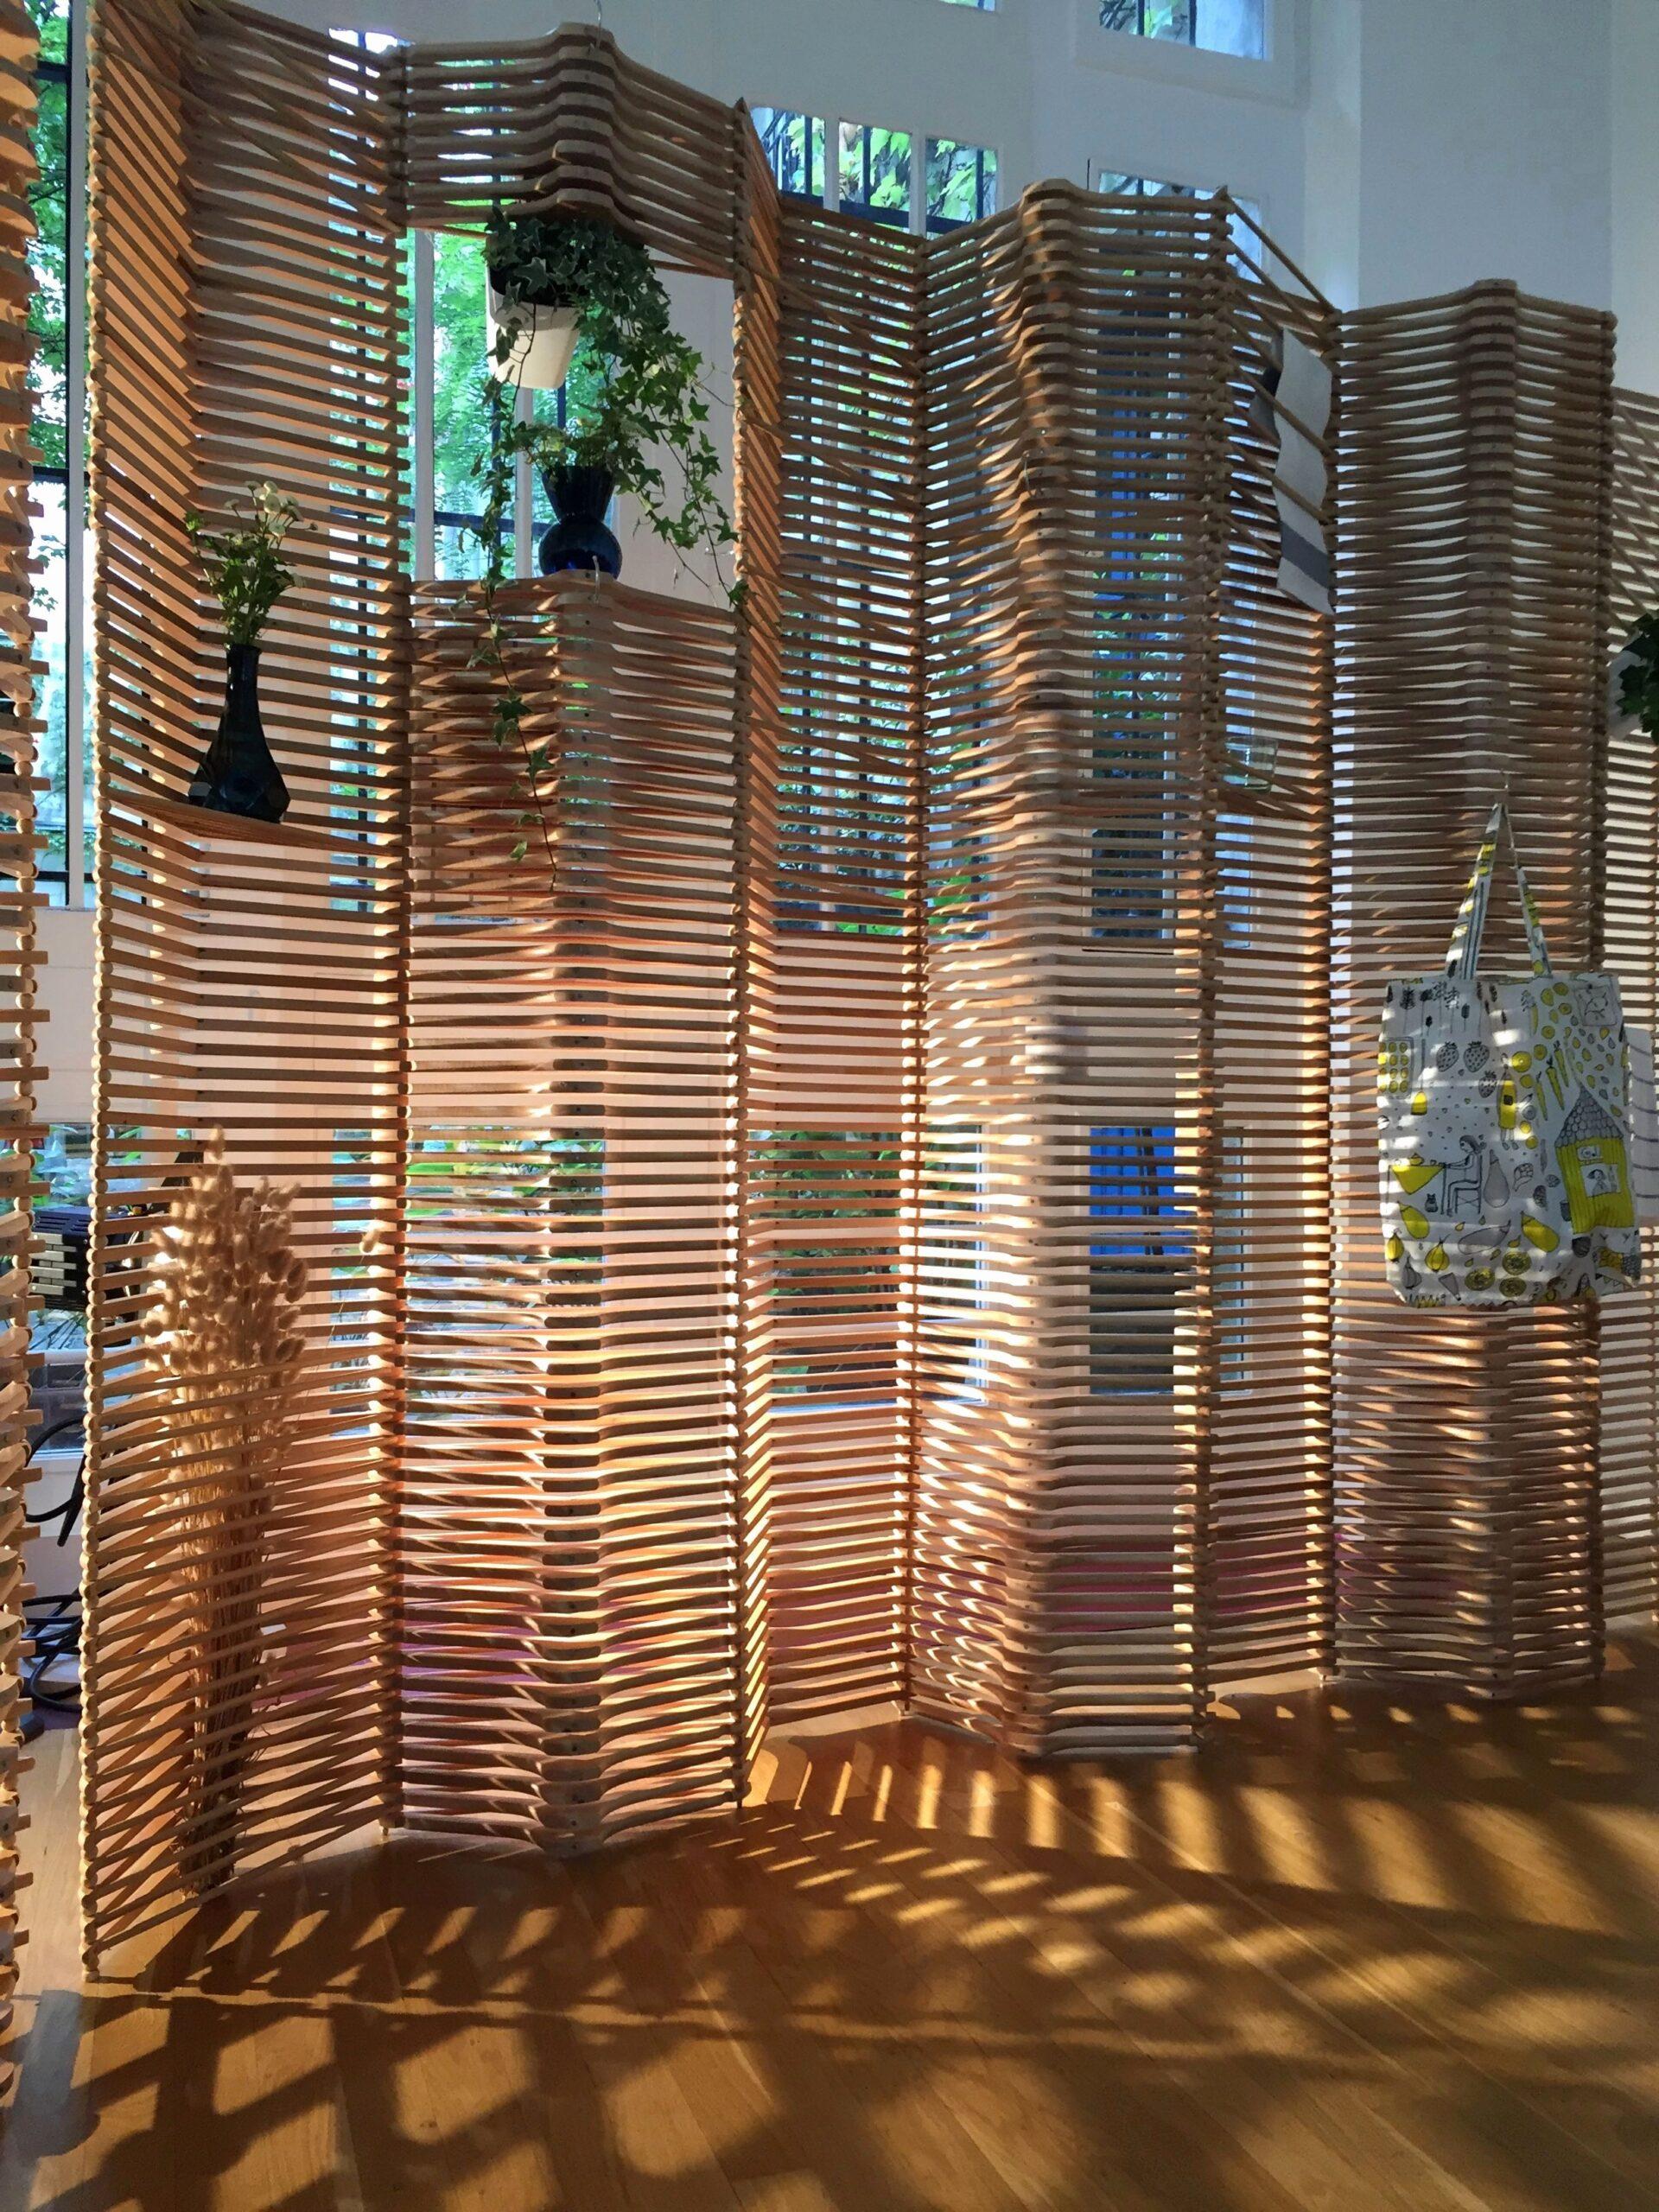 Full Size of Paravent Outdoor Ikea Bildergebnis Fr Bambus Mit Bildern Betten Bei Küche Kaufen 160x200 Kosten Sofa Schlaffunktion Garten Miniküche Edelstahl Wohnzimmer Paravent Outdoor Ikea